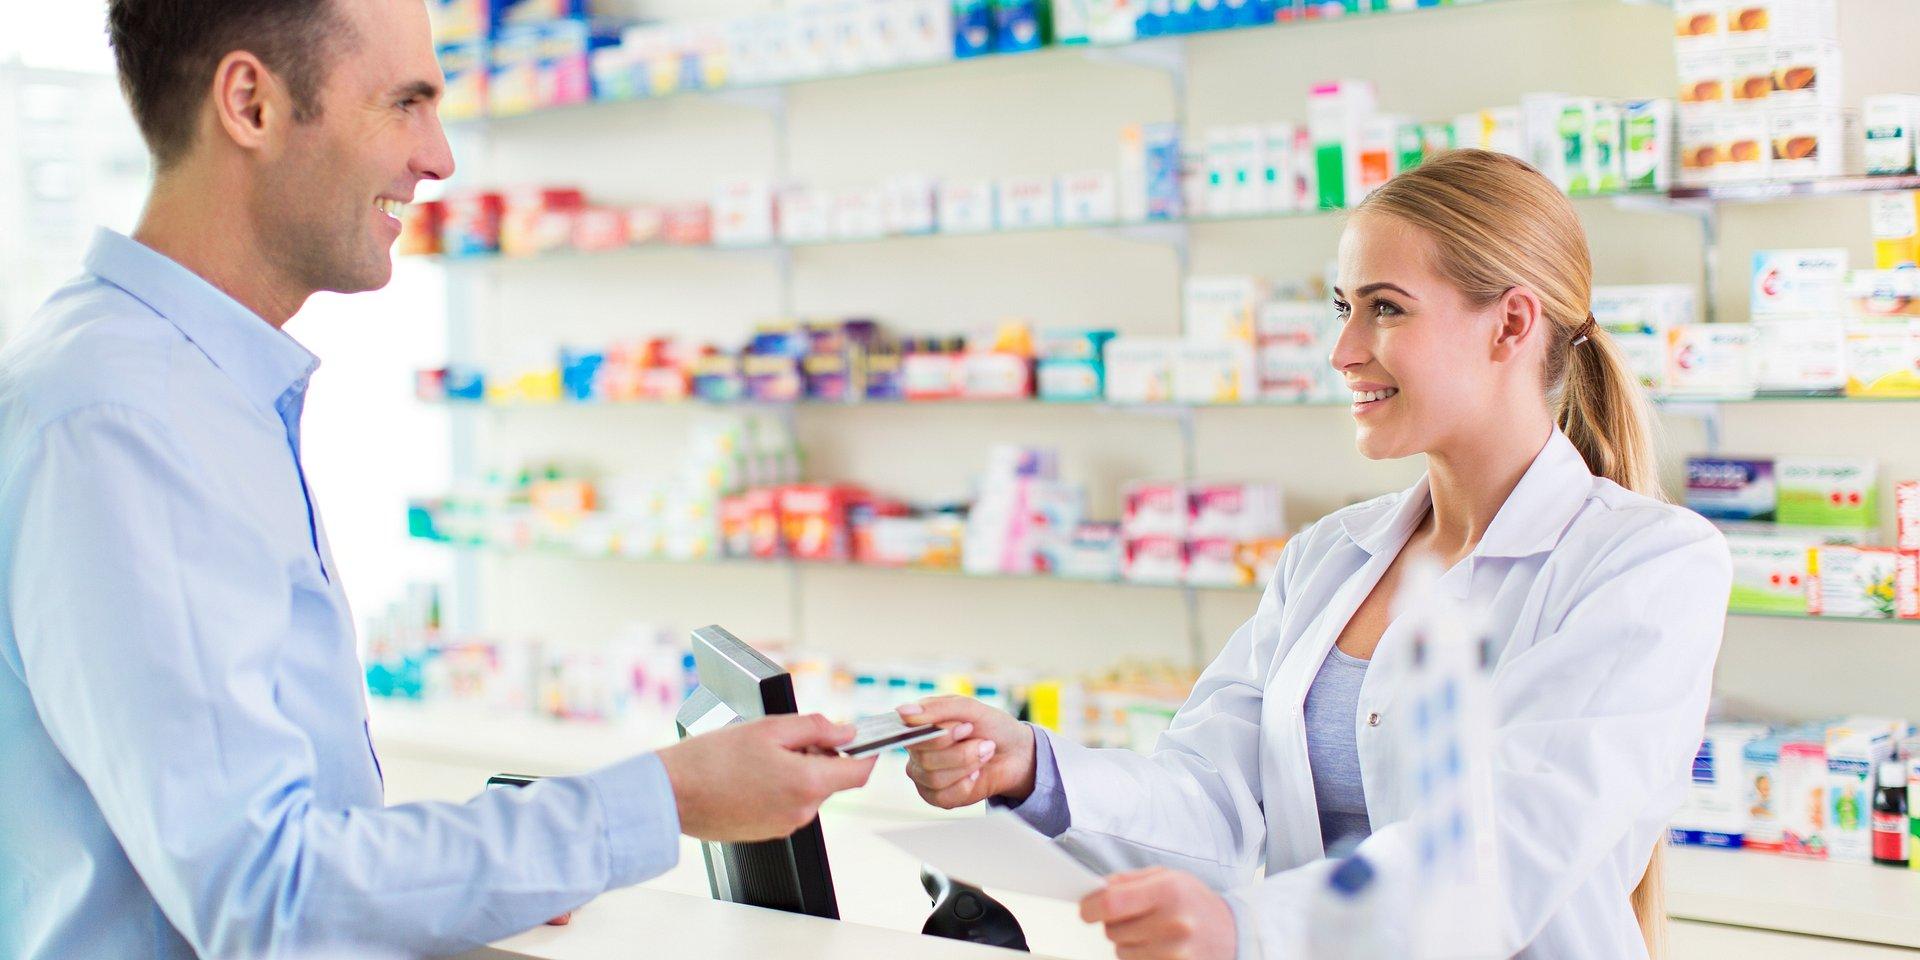 Recepta na skuteczną sprzedaż w farmacji